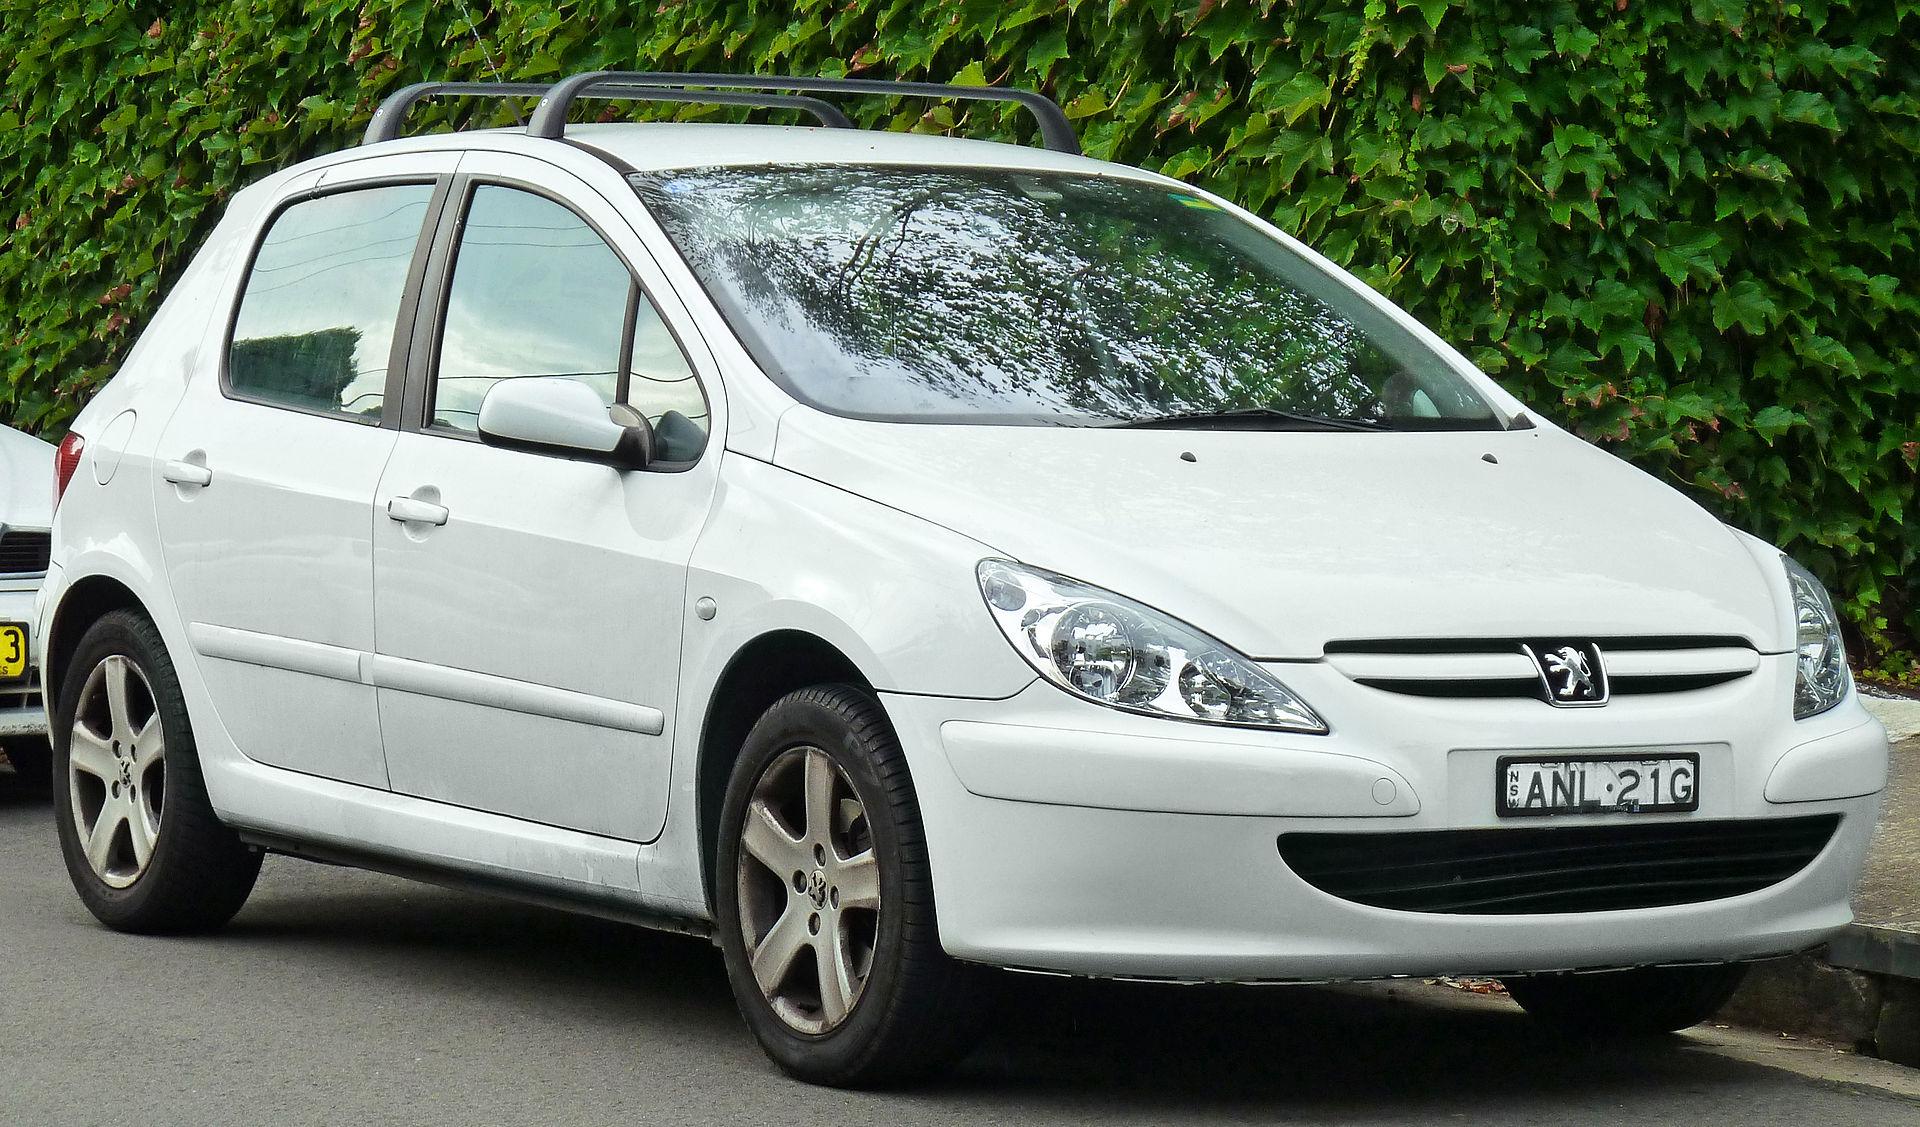 1999 U2013 Peugeot 206 2003 Peugeot 307 (T5) 5 Door Hatchback